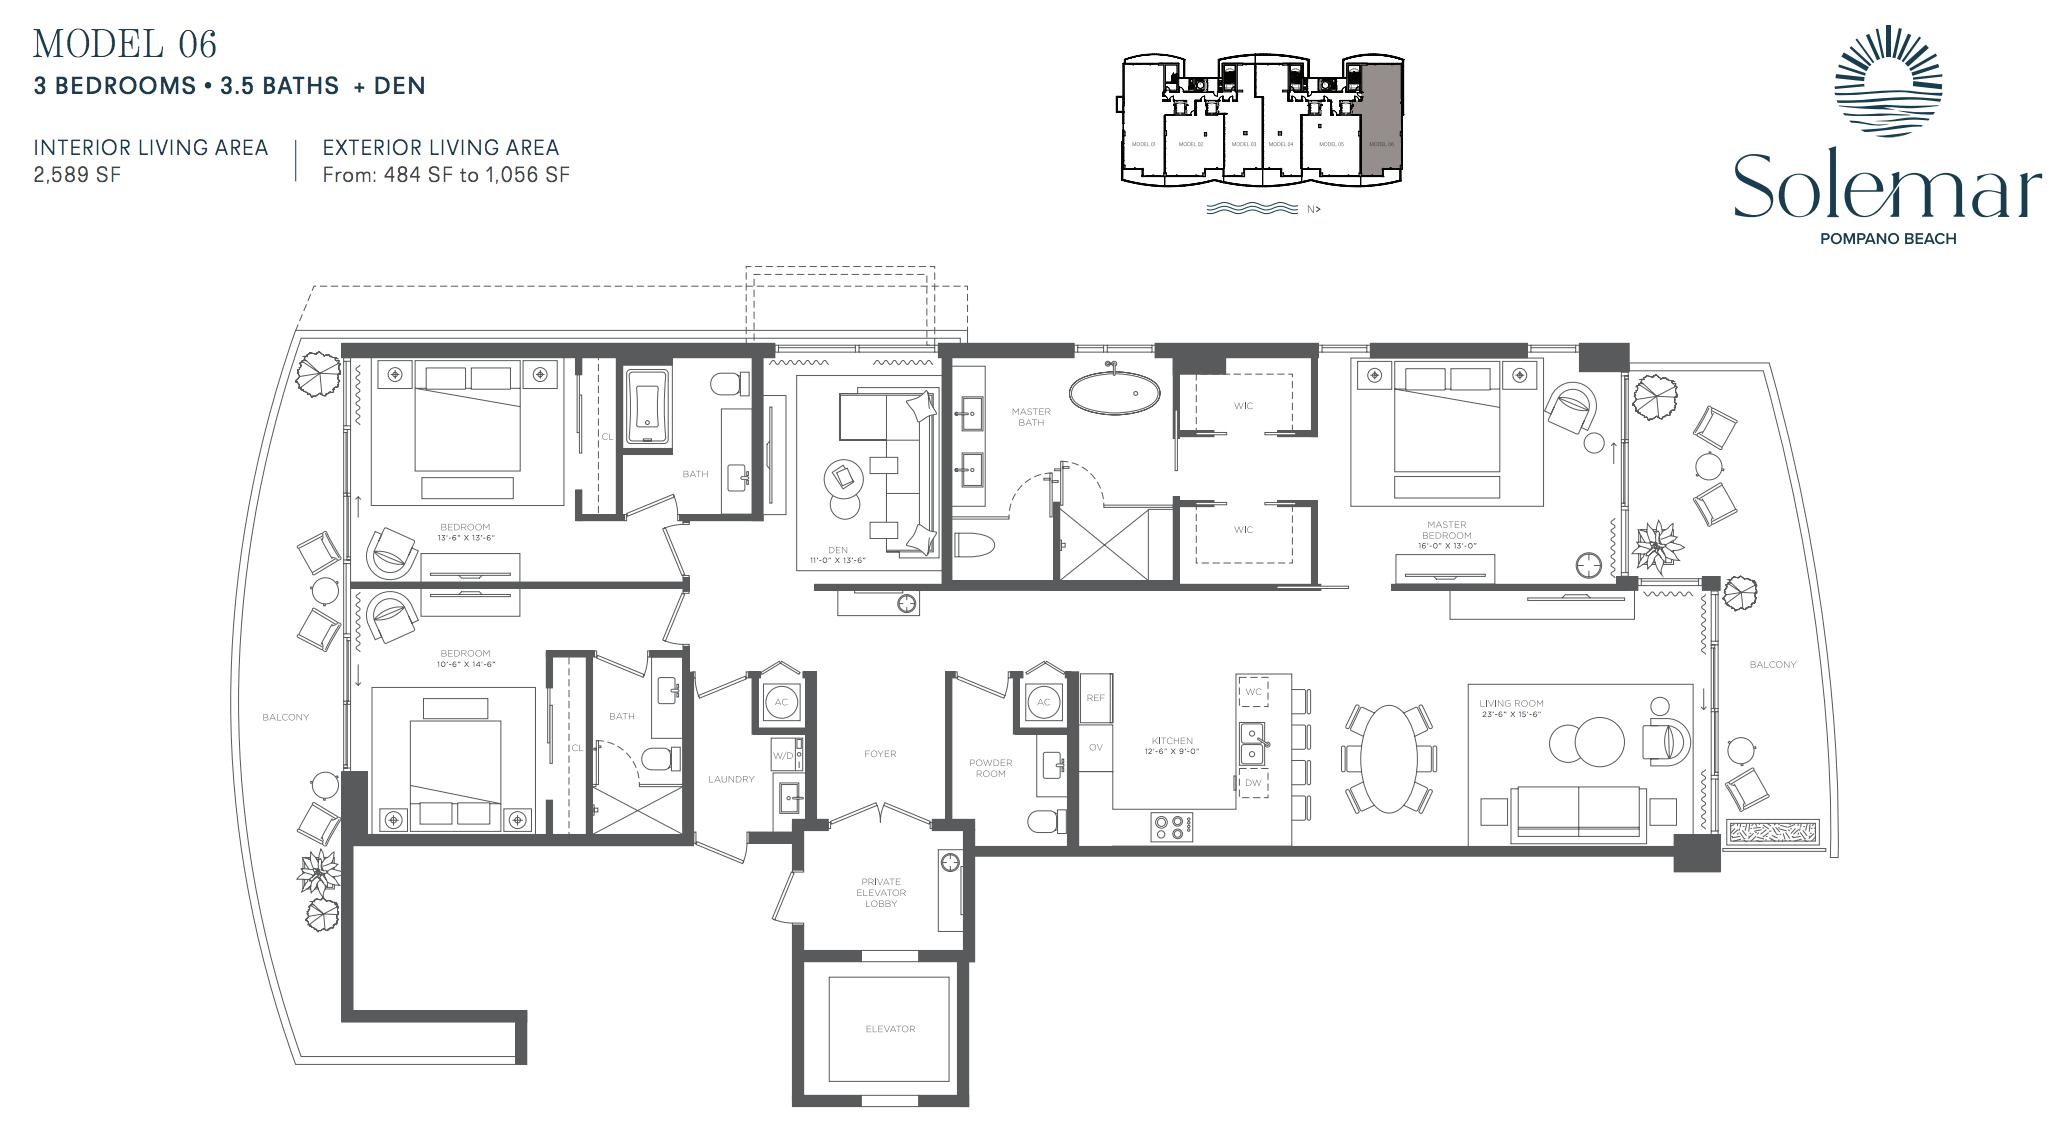 Solemar | Floor Plan 06 | 3 Be + Den | 3,5 Ba